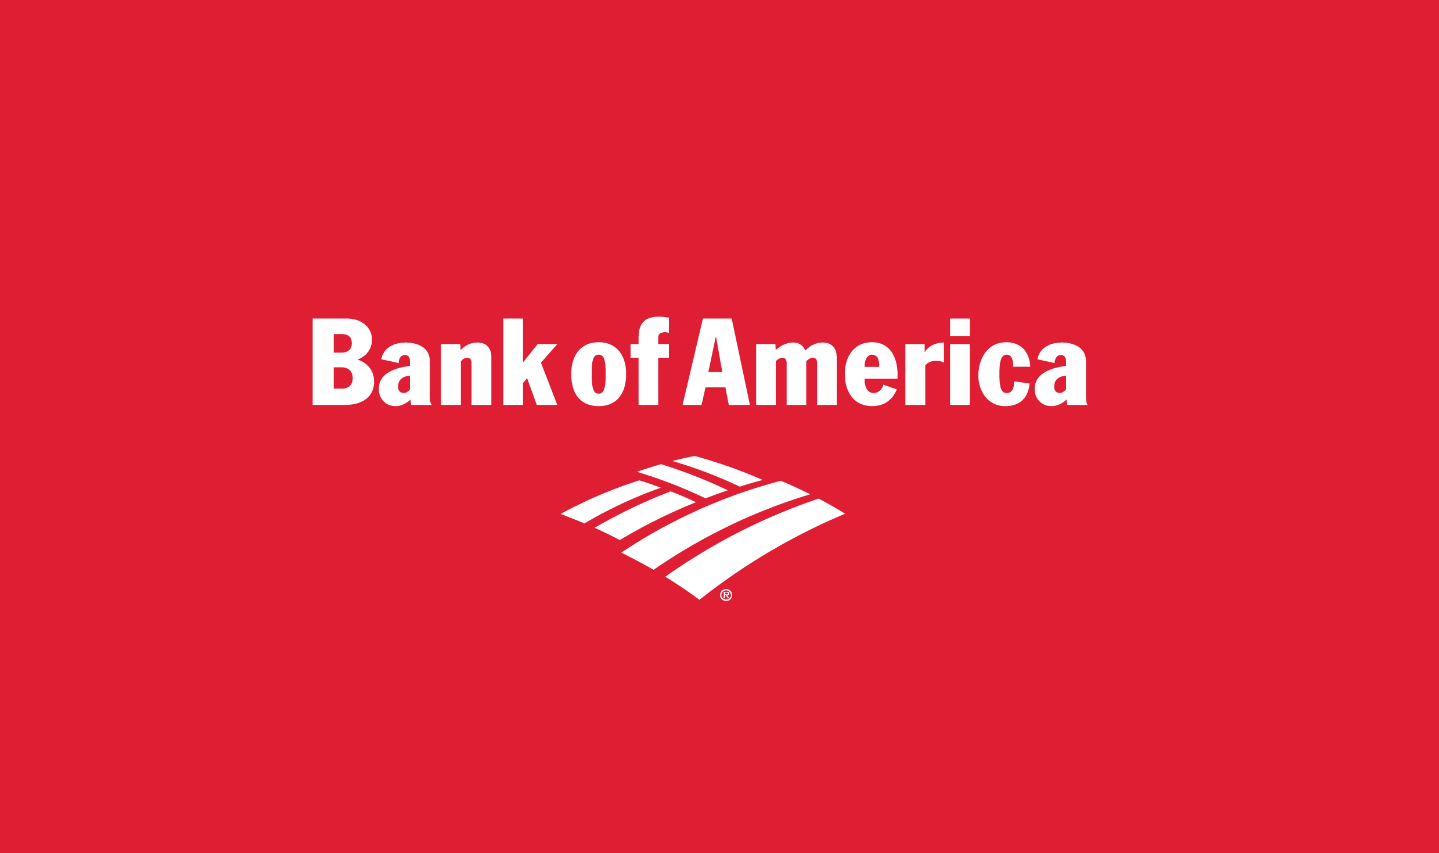 ENCUESTA DE BANK OF AMERICA REVELA QUE LOS EMPRESARIOS HISPANOS SE MUESTRAN OPTIMISTAS SOBRE EL FUTURO